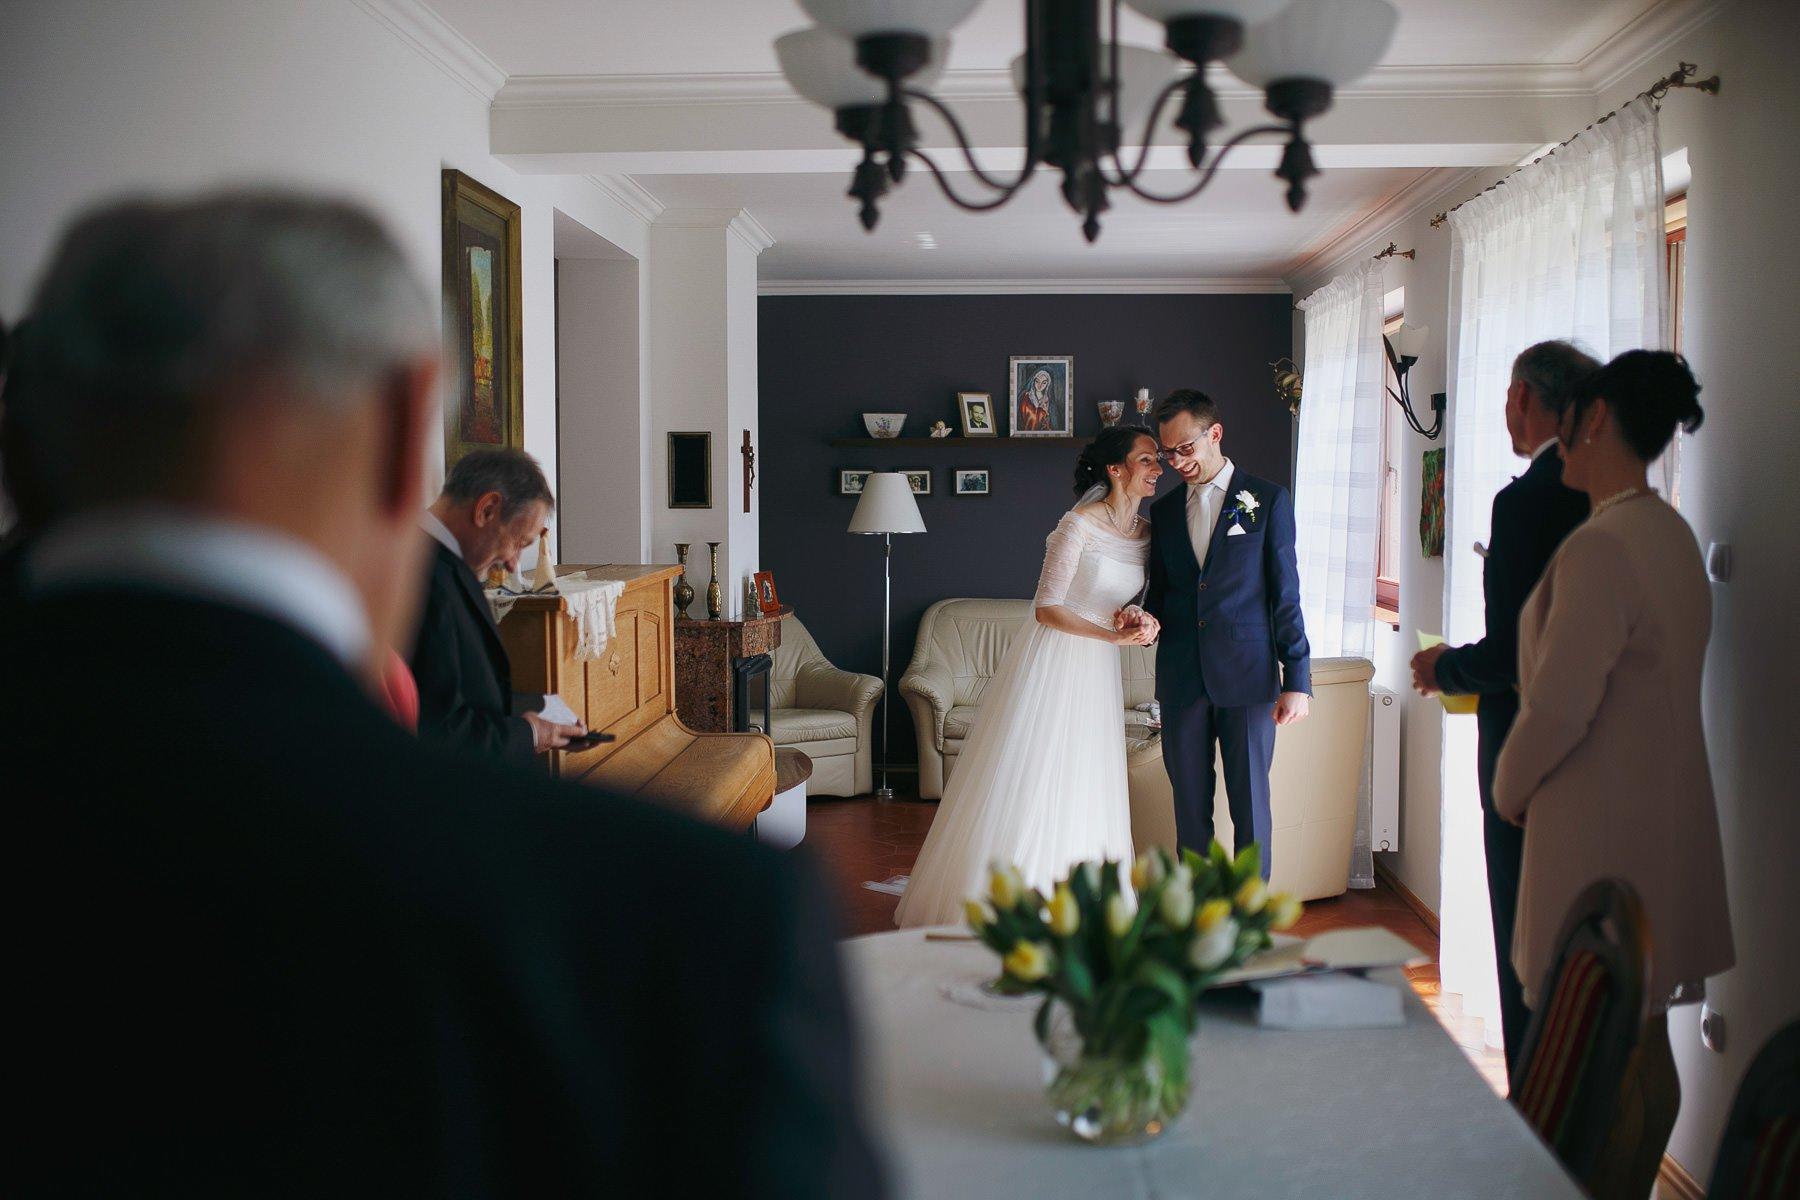 fotograf slub bielsko biala ania maciej 29 - Ślub w Bielsku-Białej - ANIA & MACIEJ